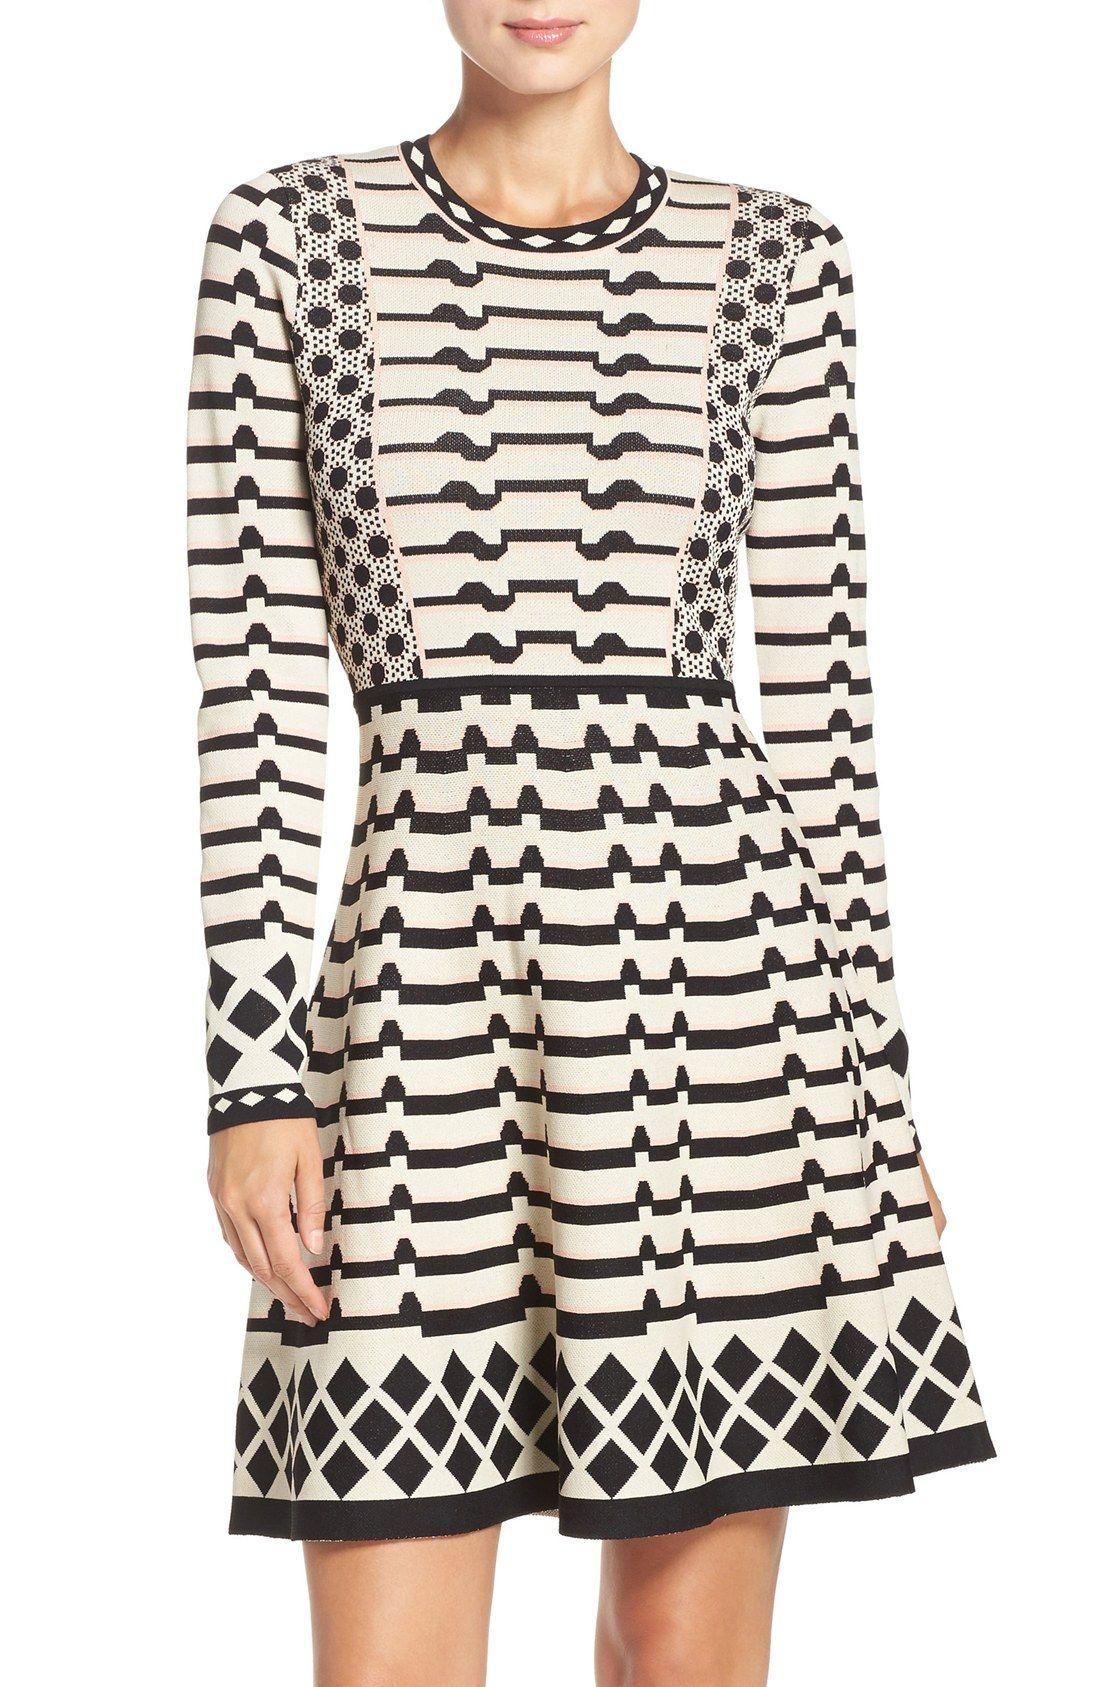 Geometric knit fit u flare dress alllllll the clothes